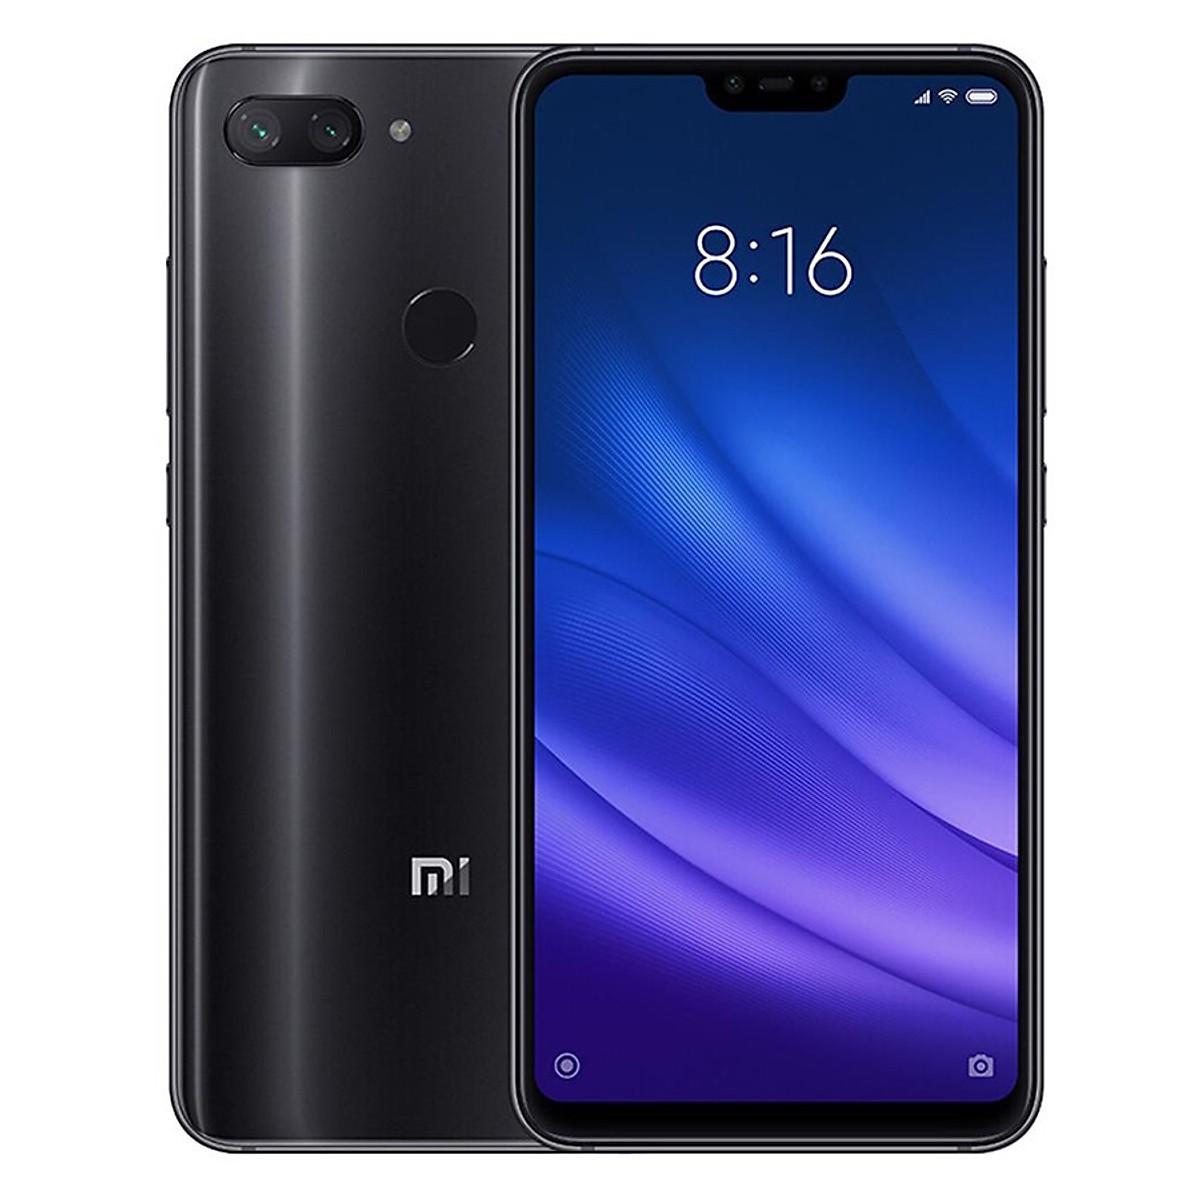 Điện Thoại Xiaomi Mi 8 Lite (4GB / 64GB)